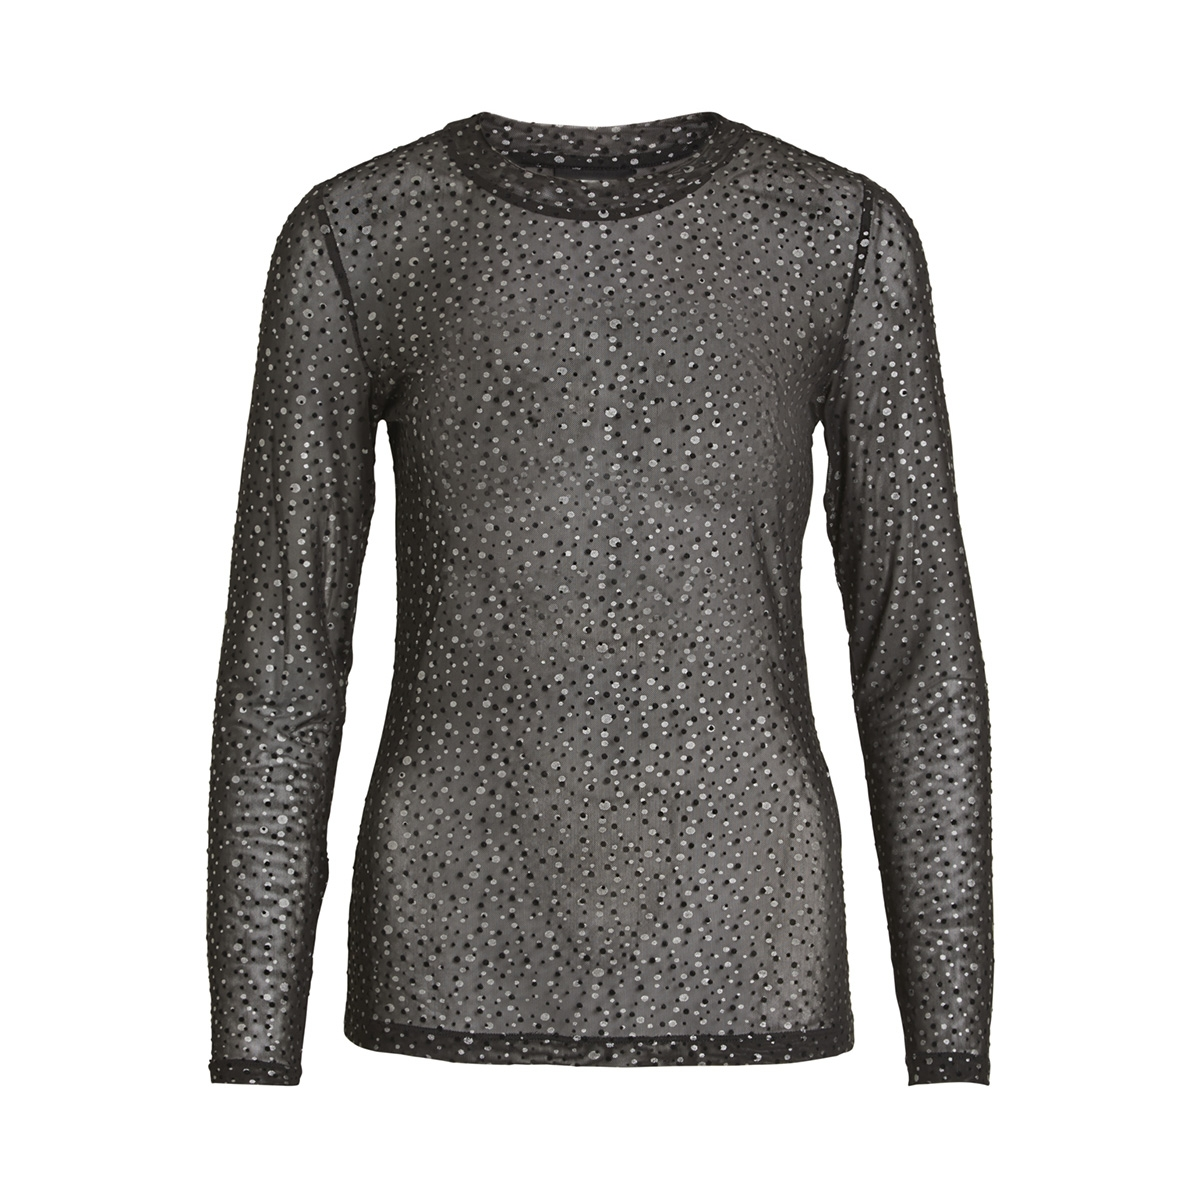 objmonroe mariann l/s top 100 23028393 object t-shirt black